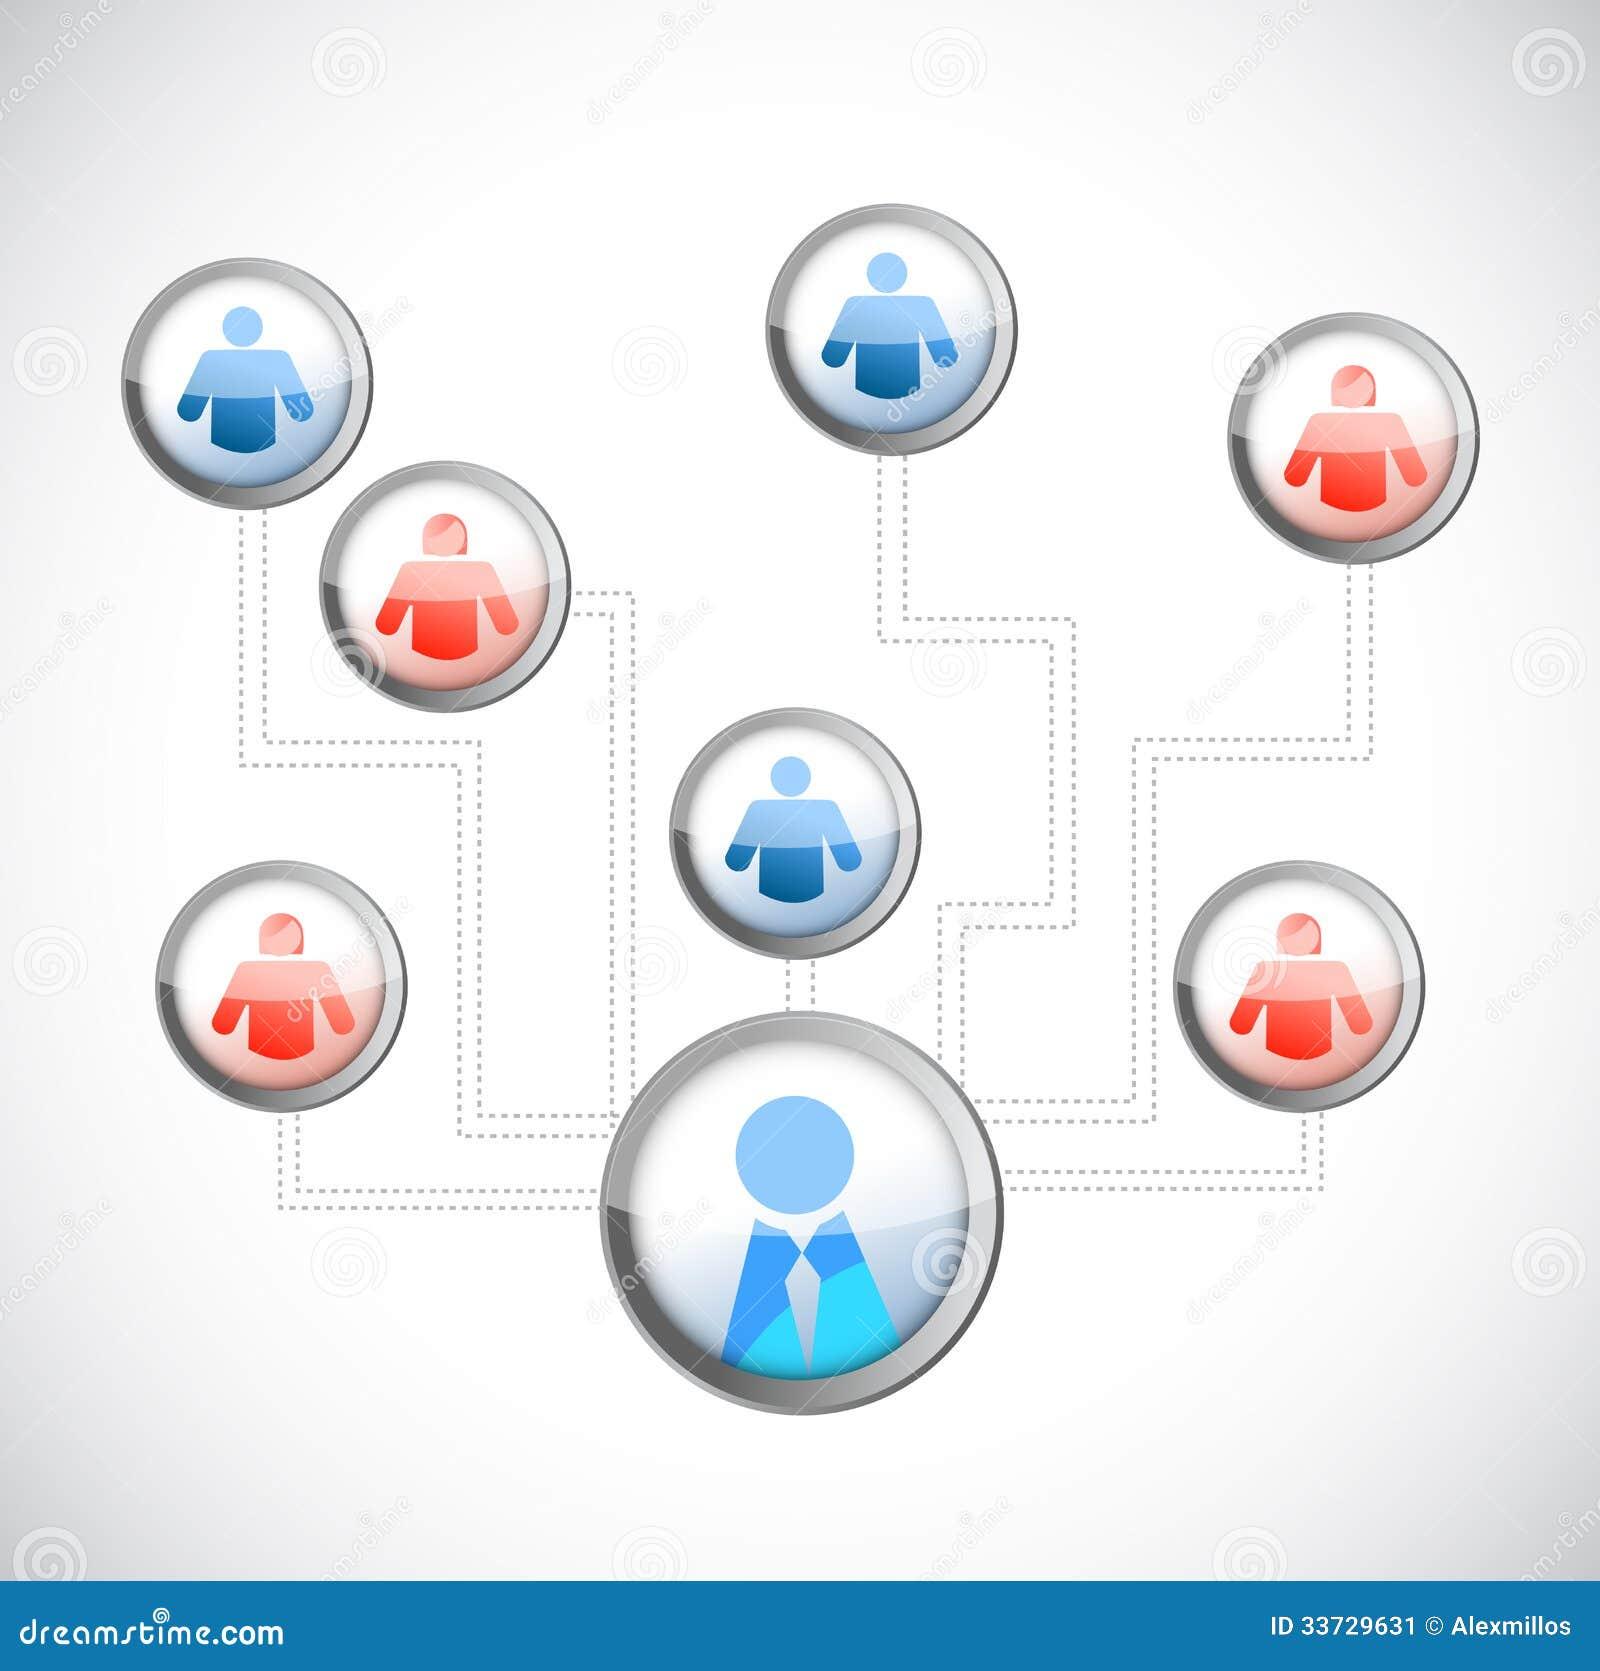 Дизайн иллюстрации диаграммы людей